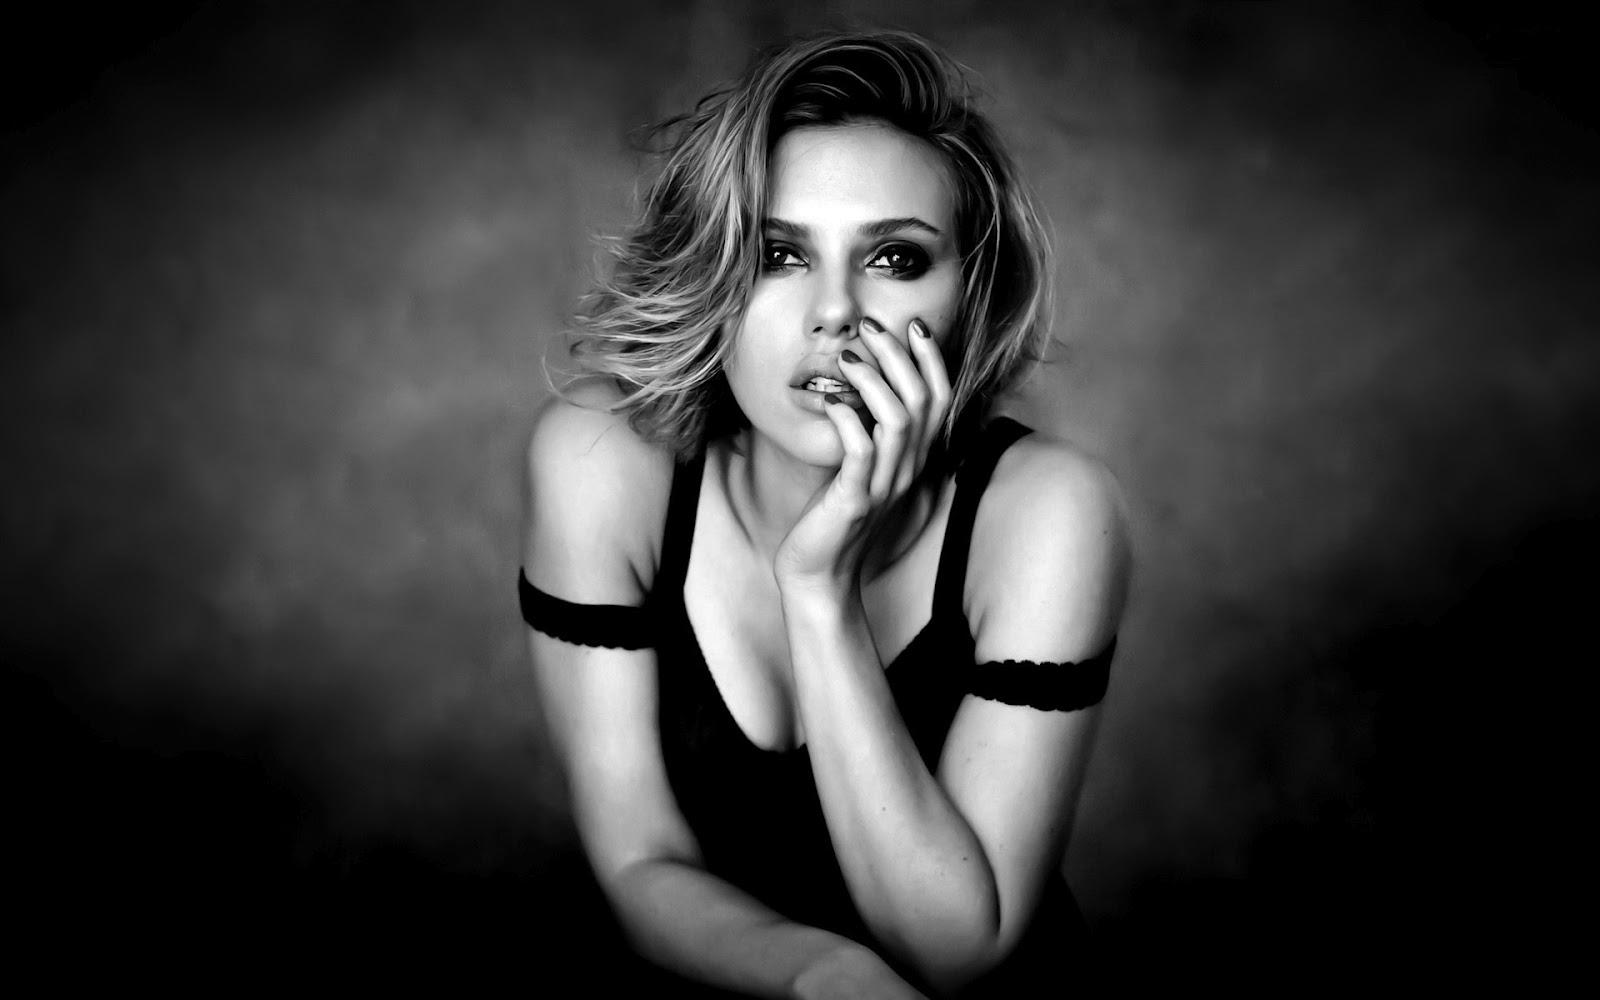 http://1.bp.blogspot.com/-QZPaoX-jGwM/T8xie74r1OI/AAAAAAAAejw/NY5T5K9XQK0/s1600/Scarlett-Johansson_imagenes-de-fondo-de-famosas.jpg